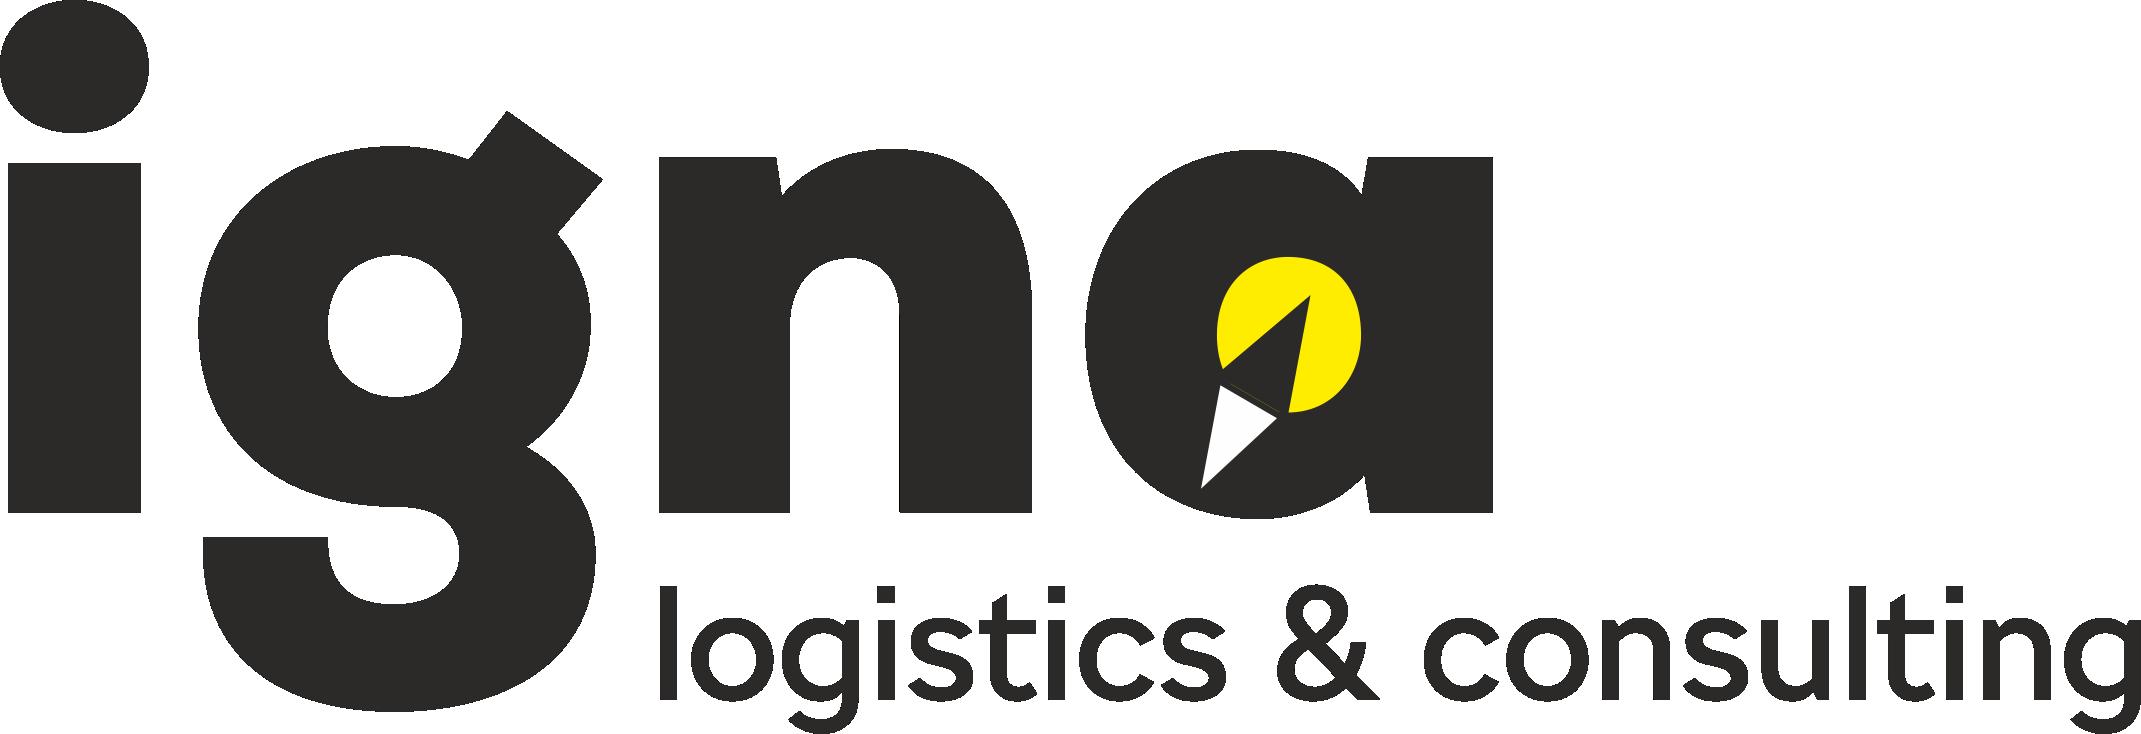 Igna logistics & consulting